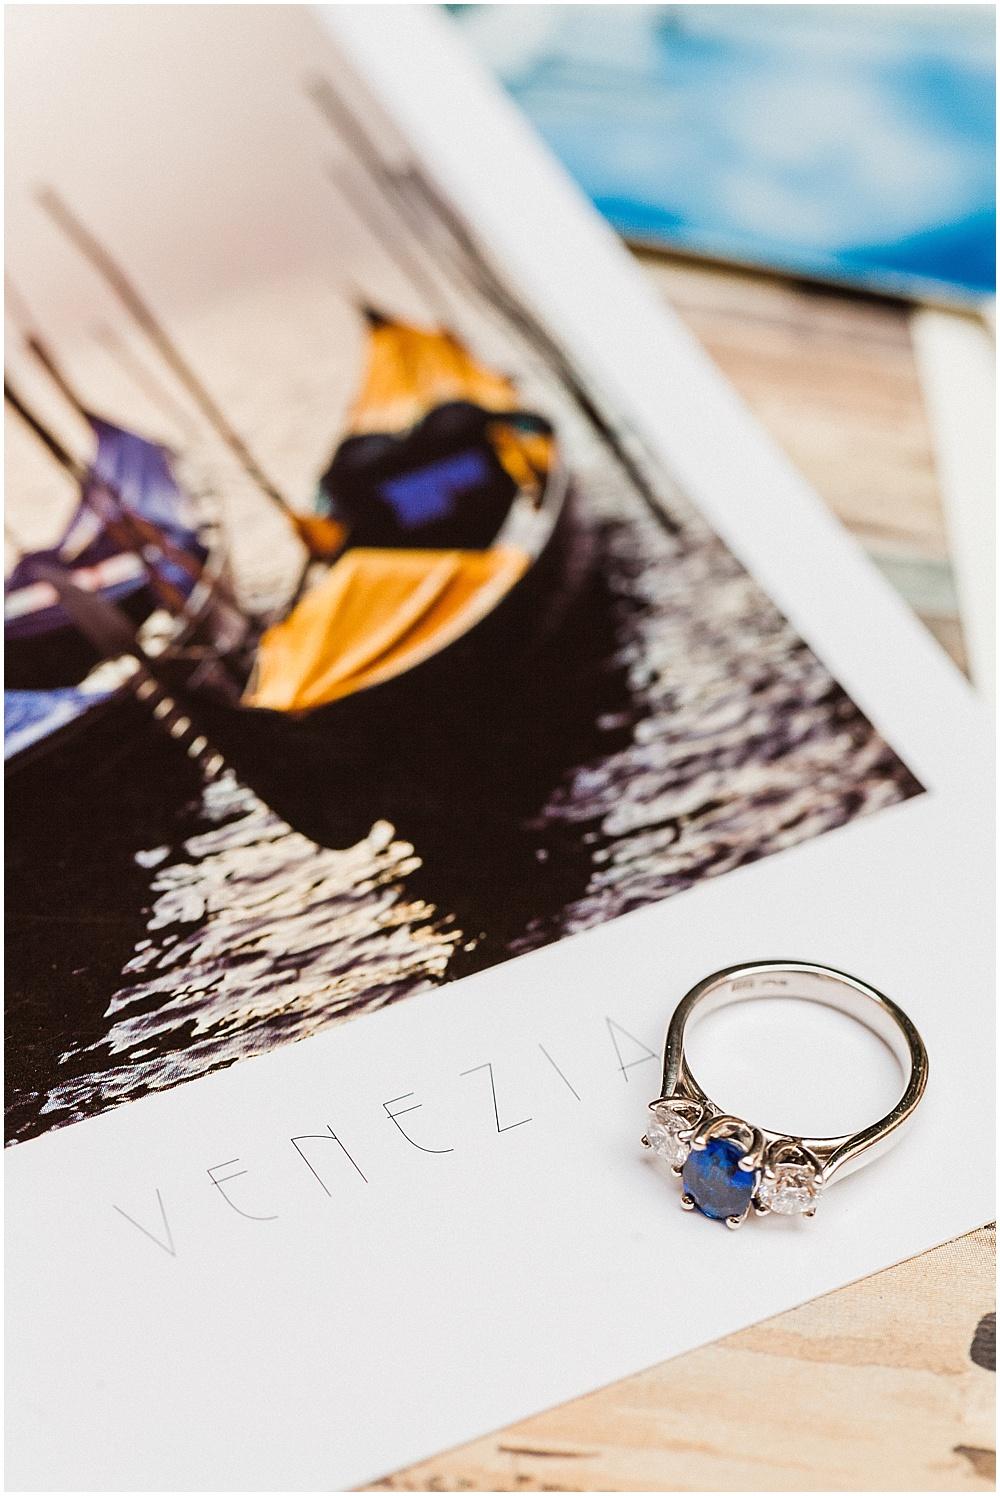 Venice-italy-wedding-photographer-stefano-degirmenci_0001.jpg